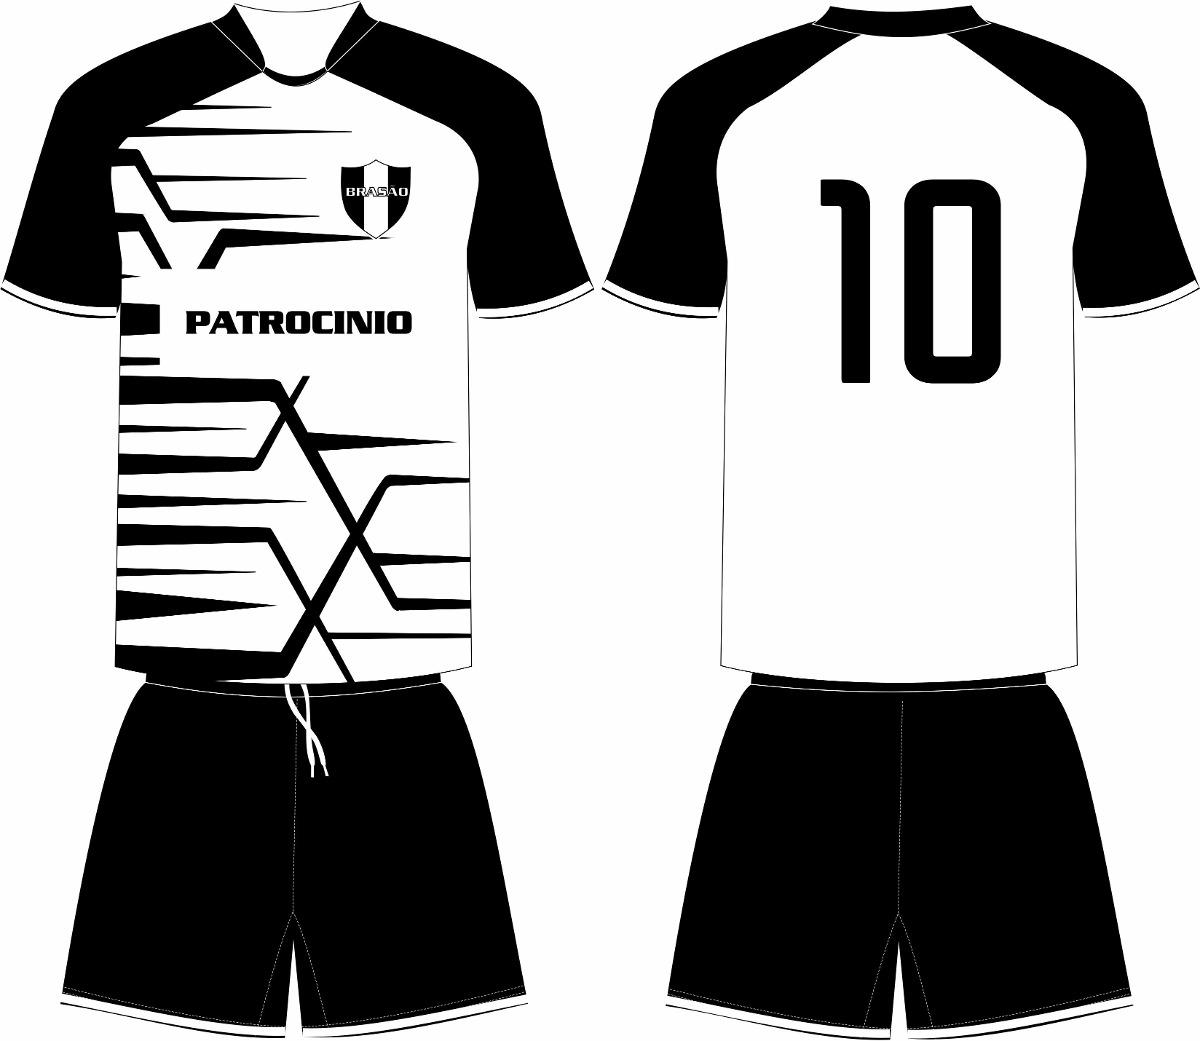 a1743030af6cc Jogo 16 Camisas 16 Calções Personalizado Futebol Dry Sport - R  640 ...